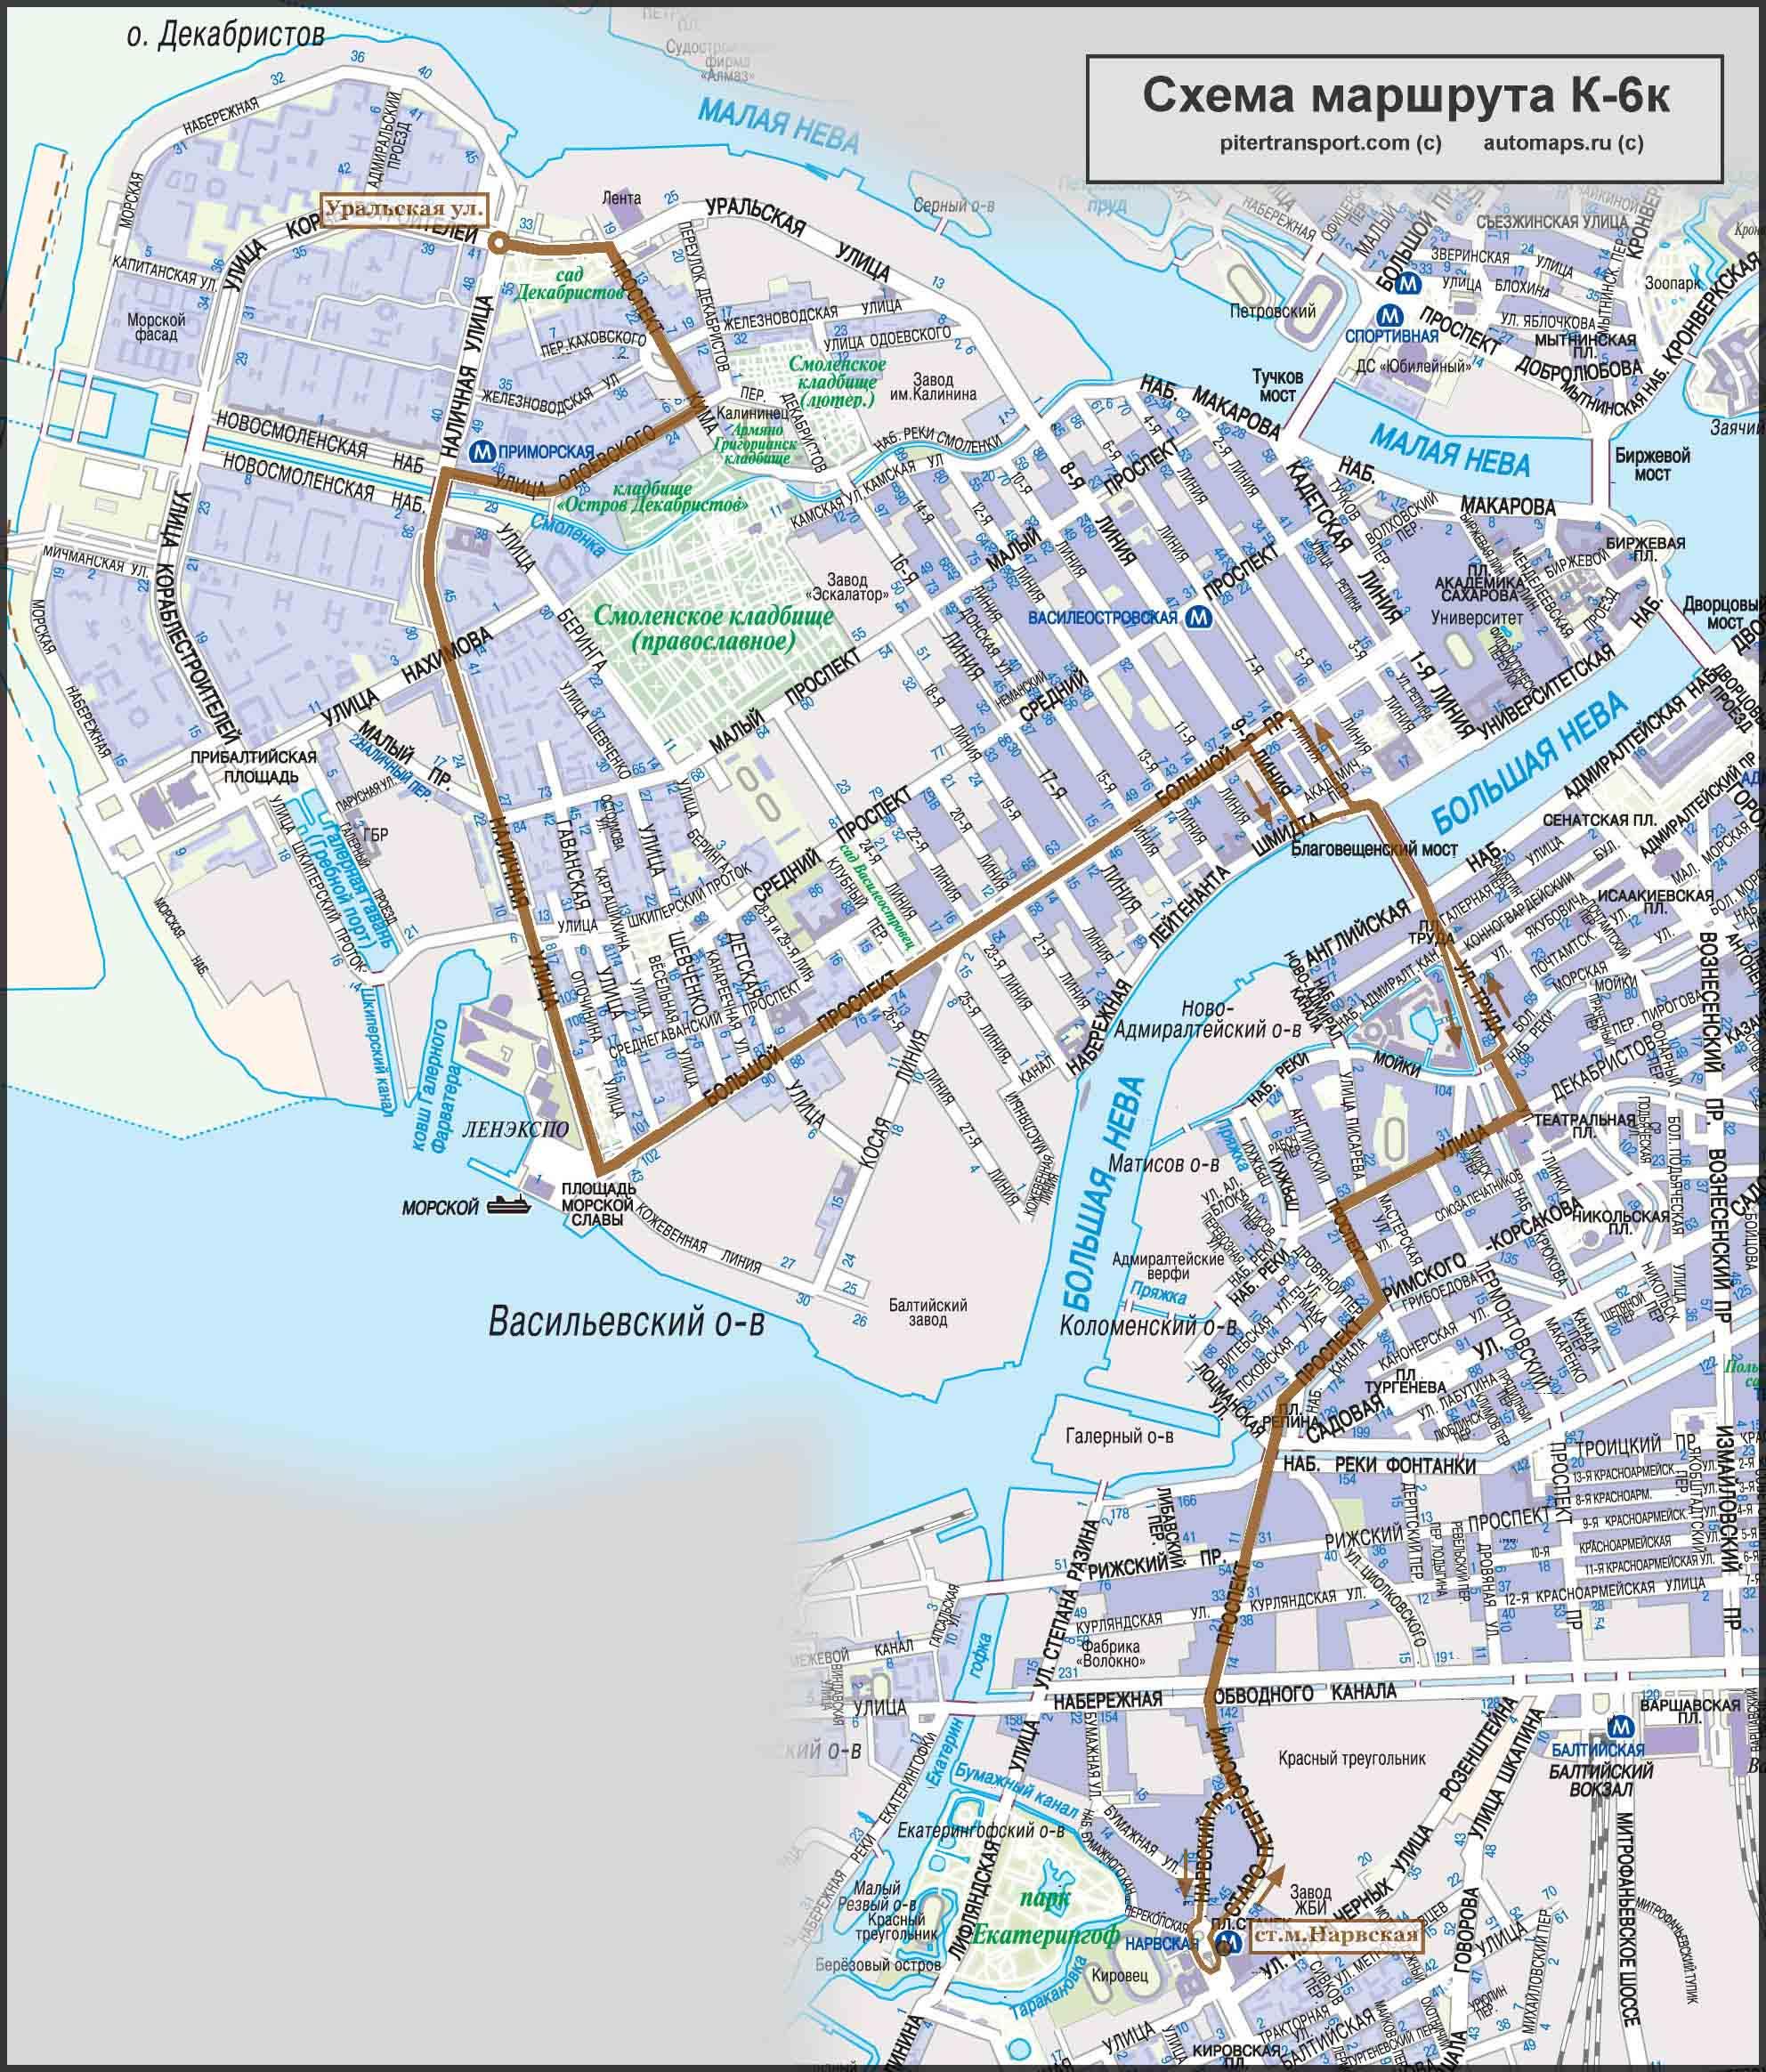 схема маршруту 26